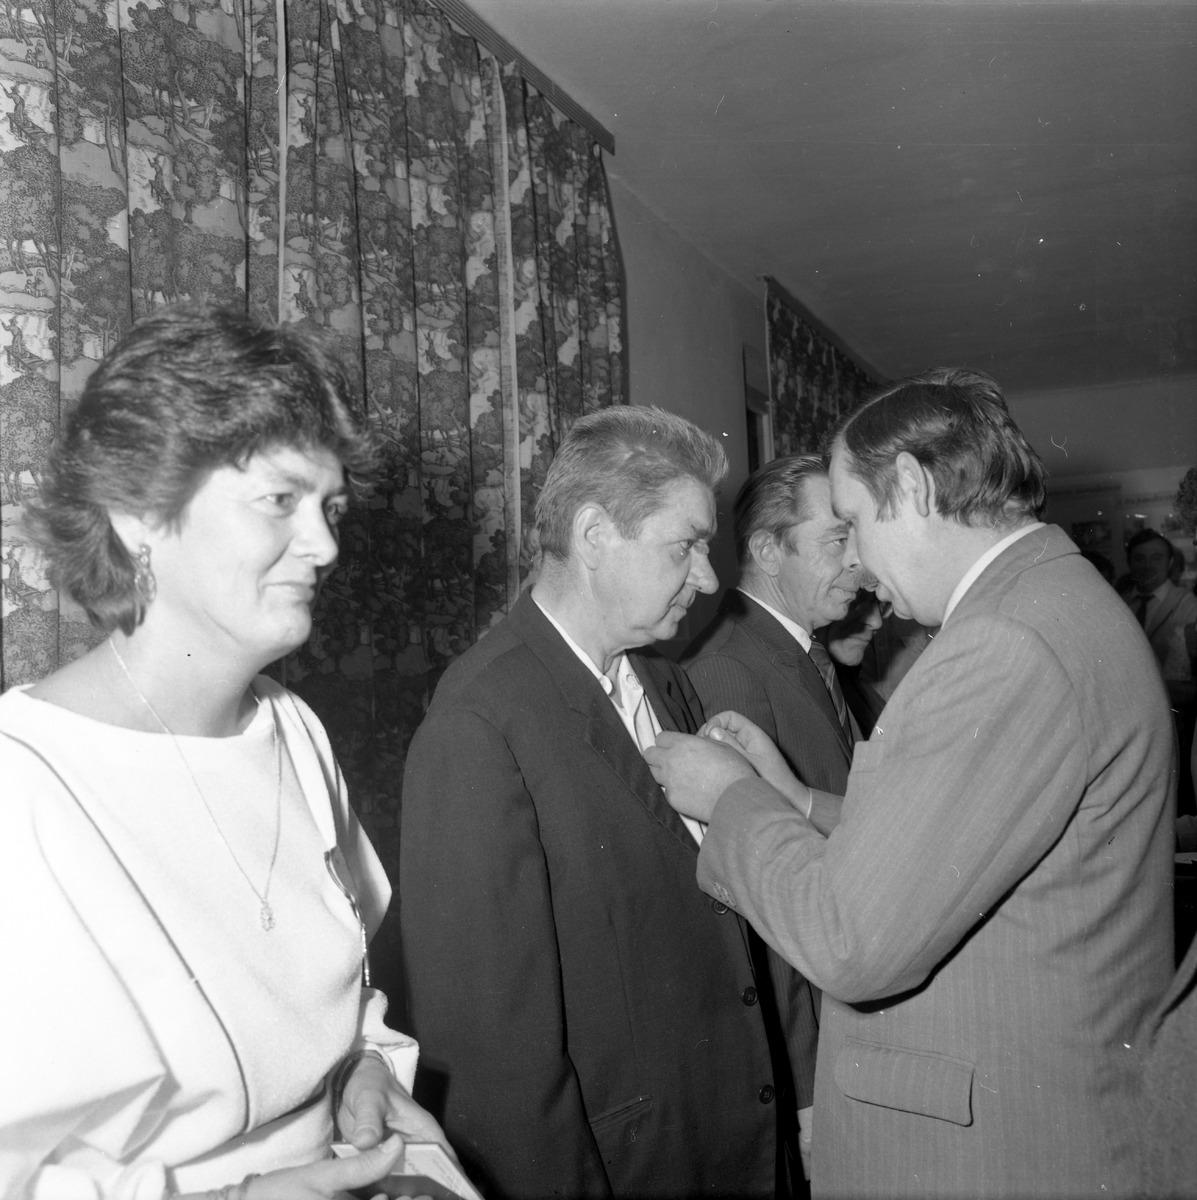 Spotkanie jubileuszowe w Mleczarni, 1985 r. [3]